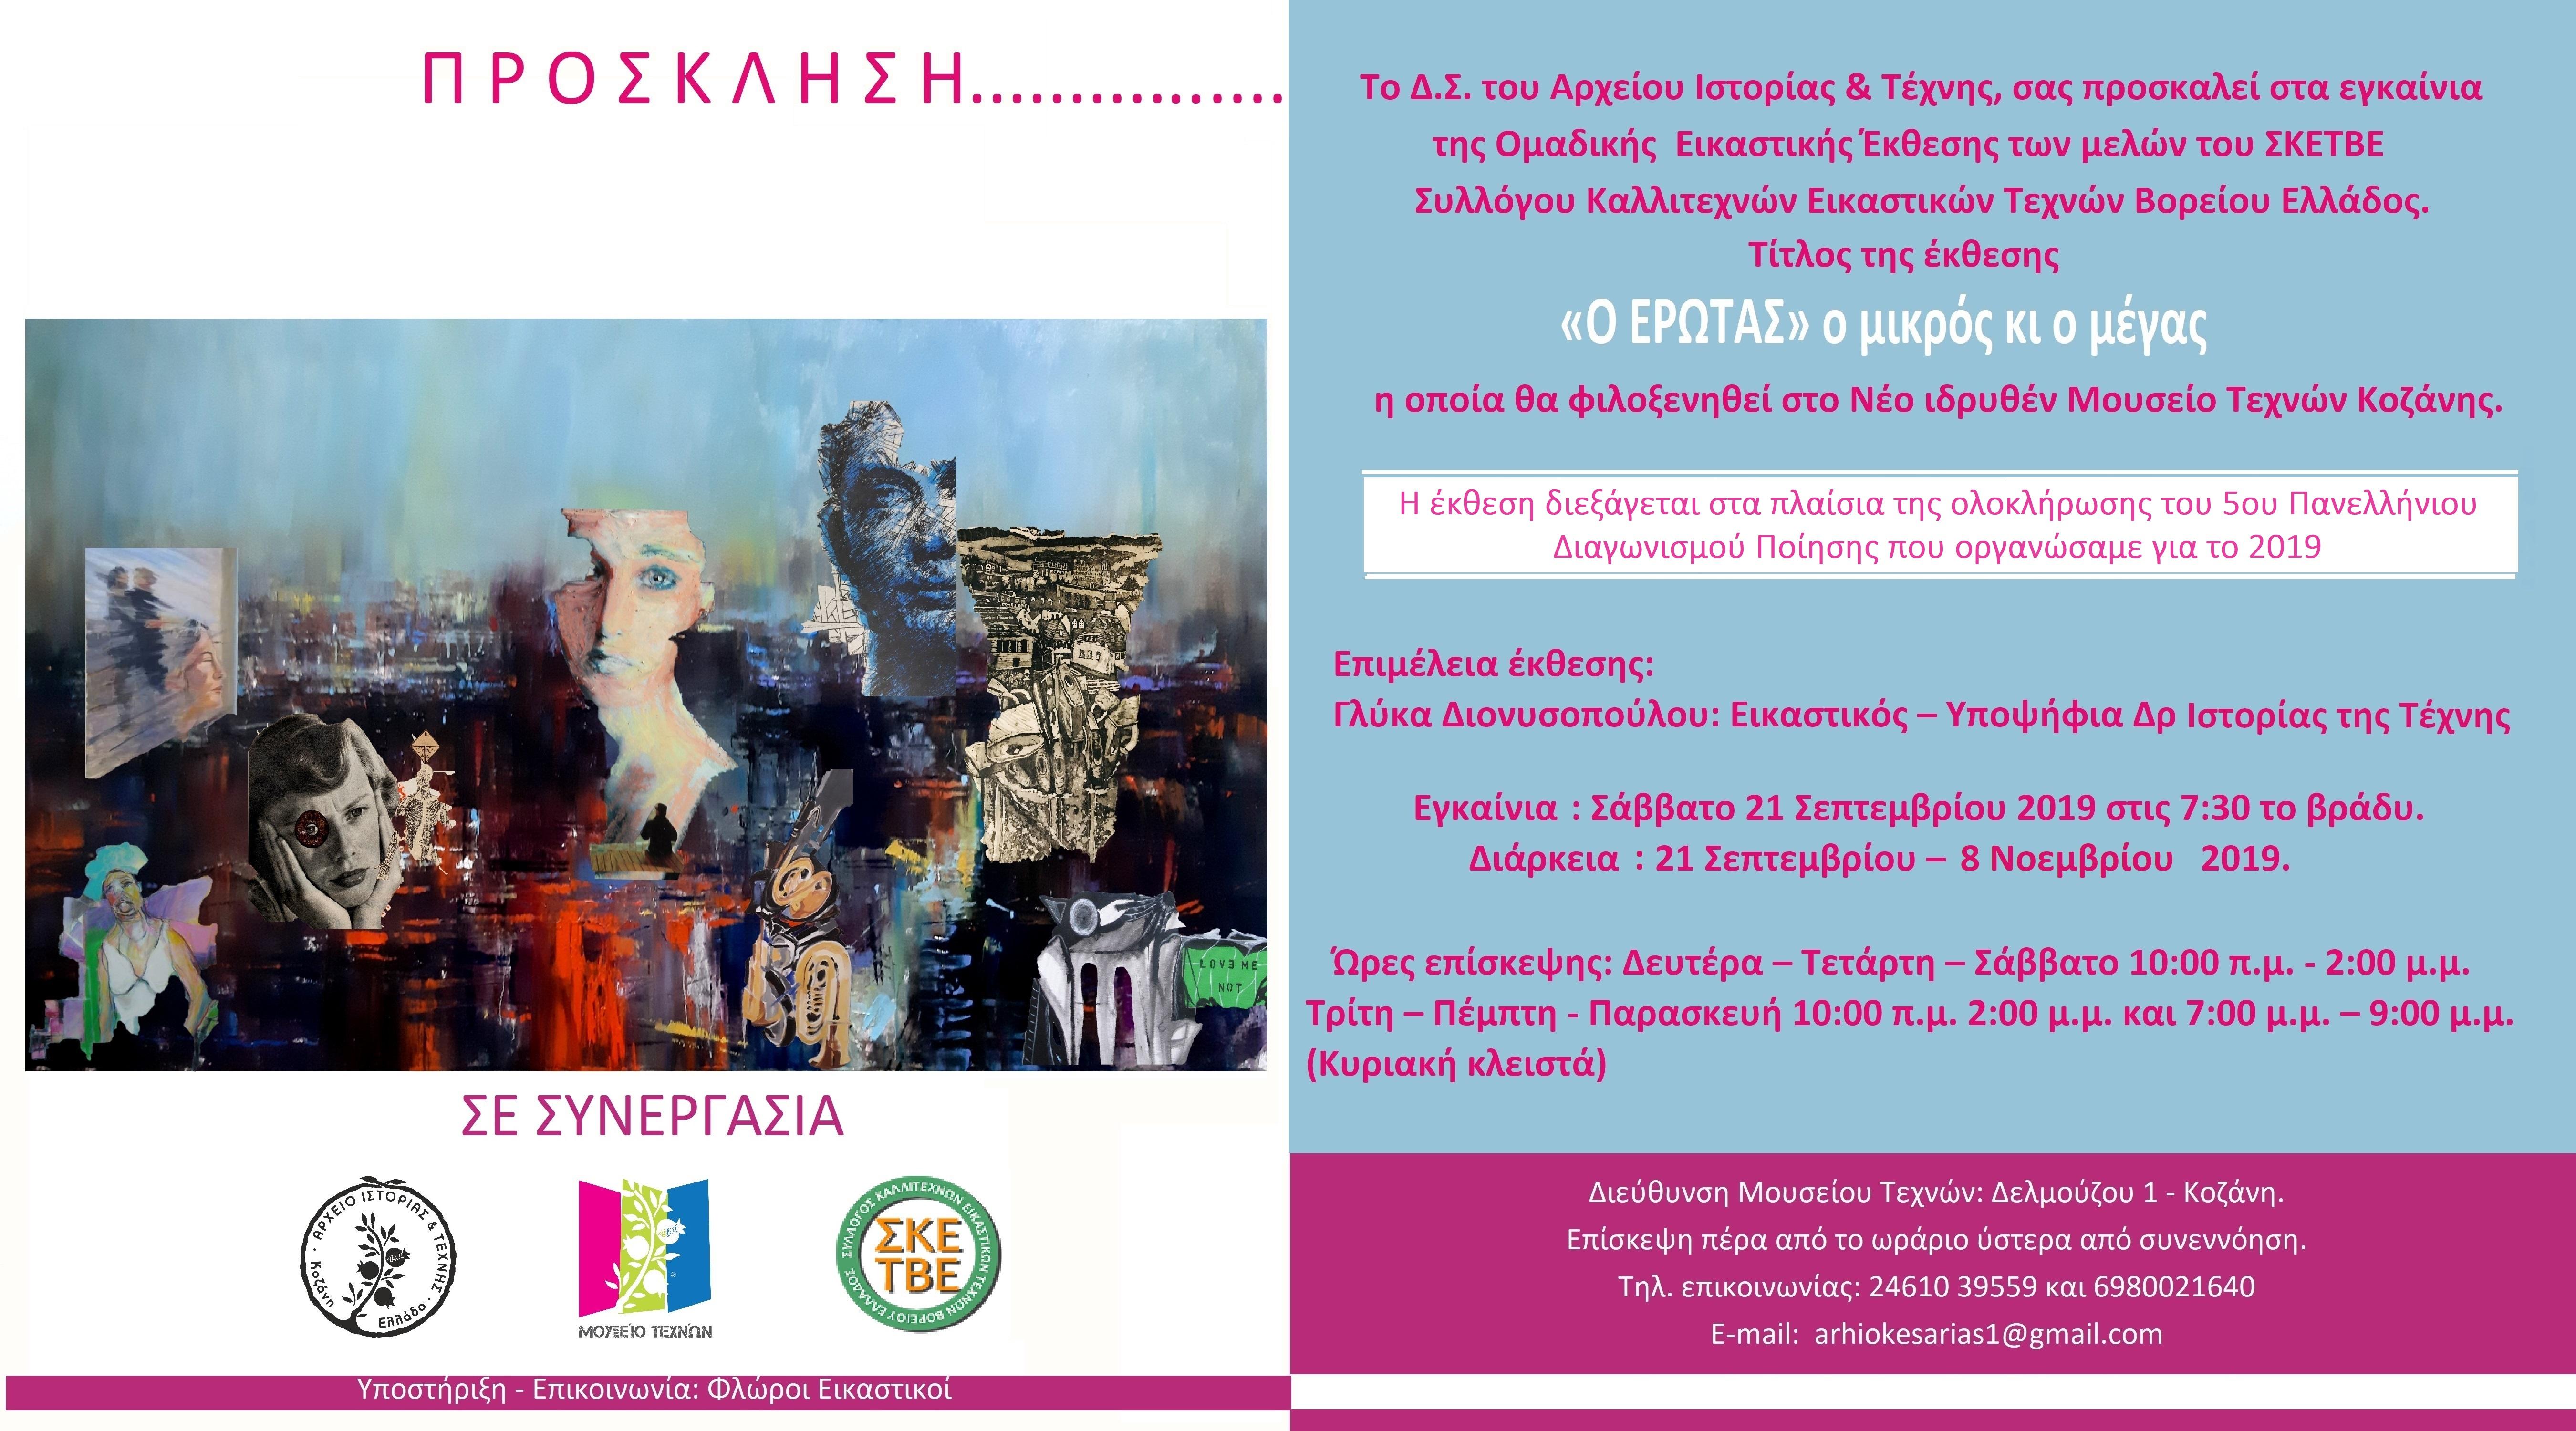 Εγκαίνια της Ομαδικής Εικαστικής Έκθεσης των μελών του ΣΚΕΤΒΕ – Συλλόγου Καλλιτεχνών Εικαστικών Τεχνών Βορείου Ελλάδος με τίτλο ¨Ο ΕΡΩΤΑΣ¨, το Σάββατο 21 Σεπτεμβρίου